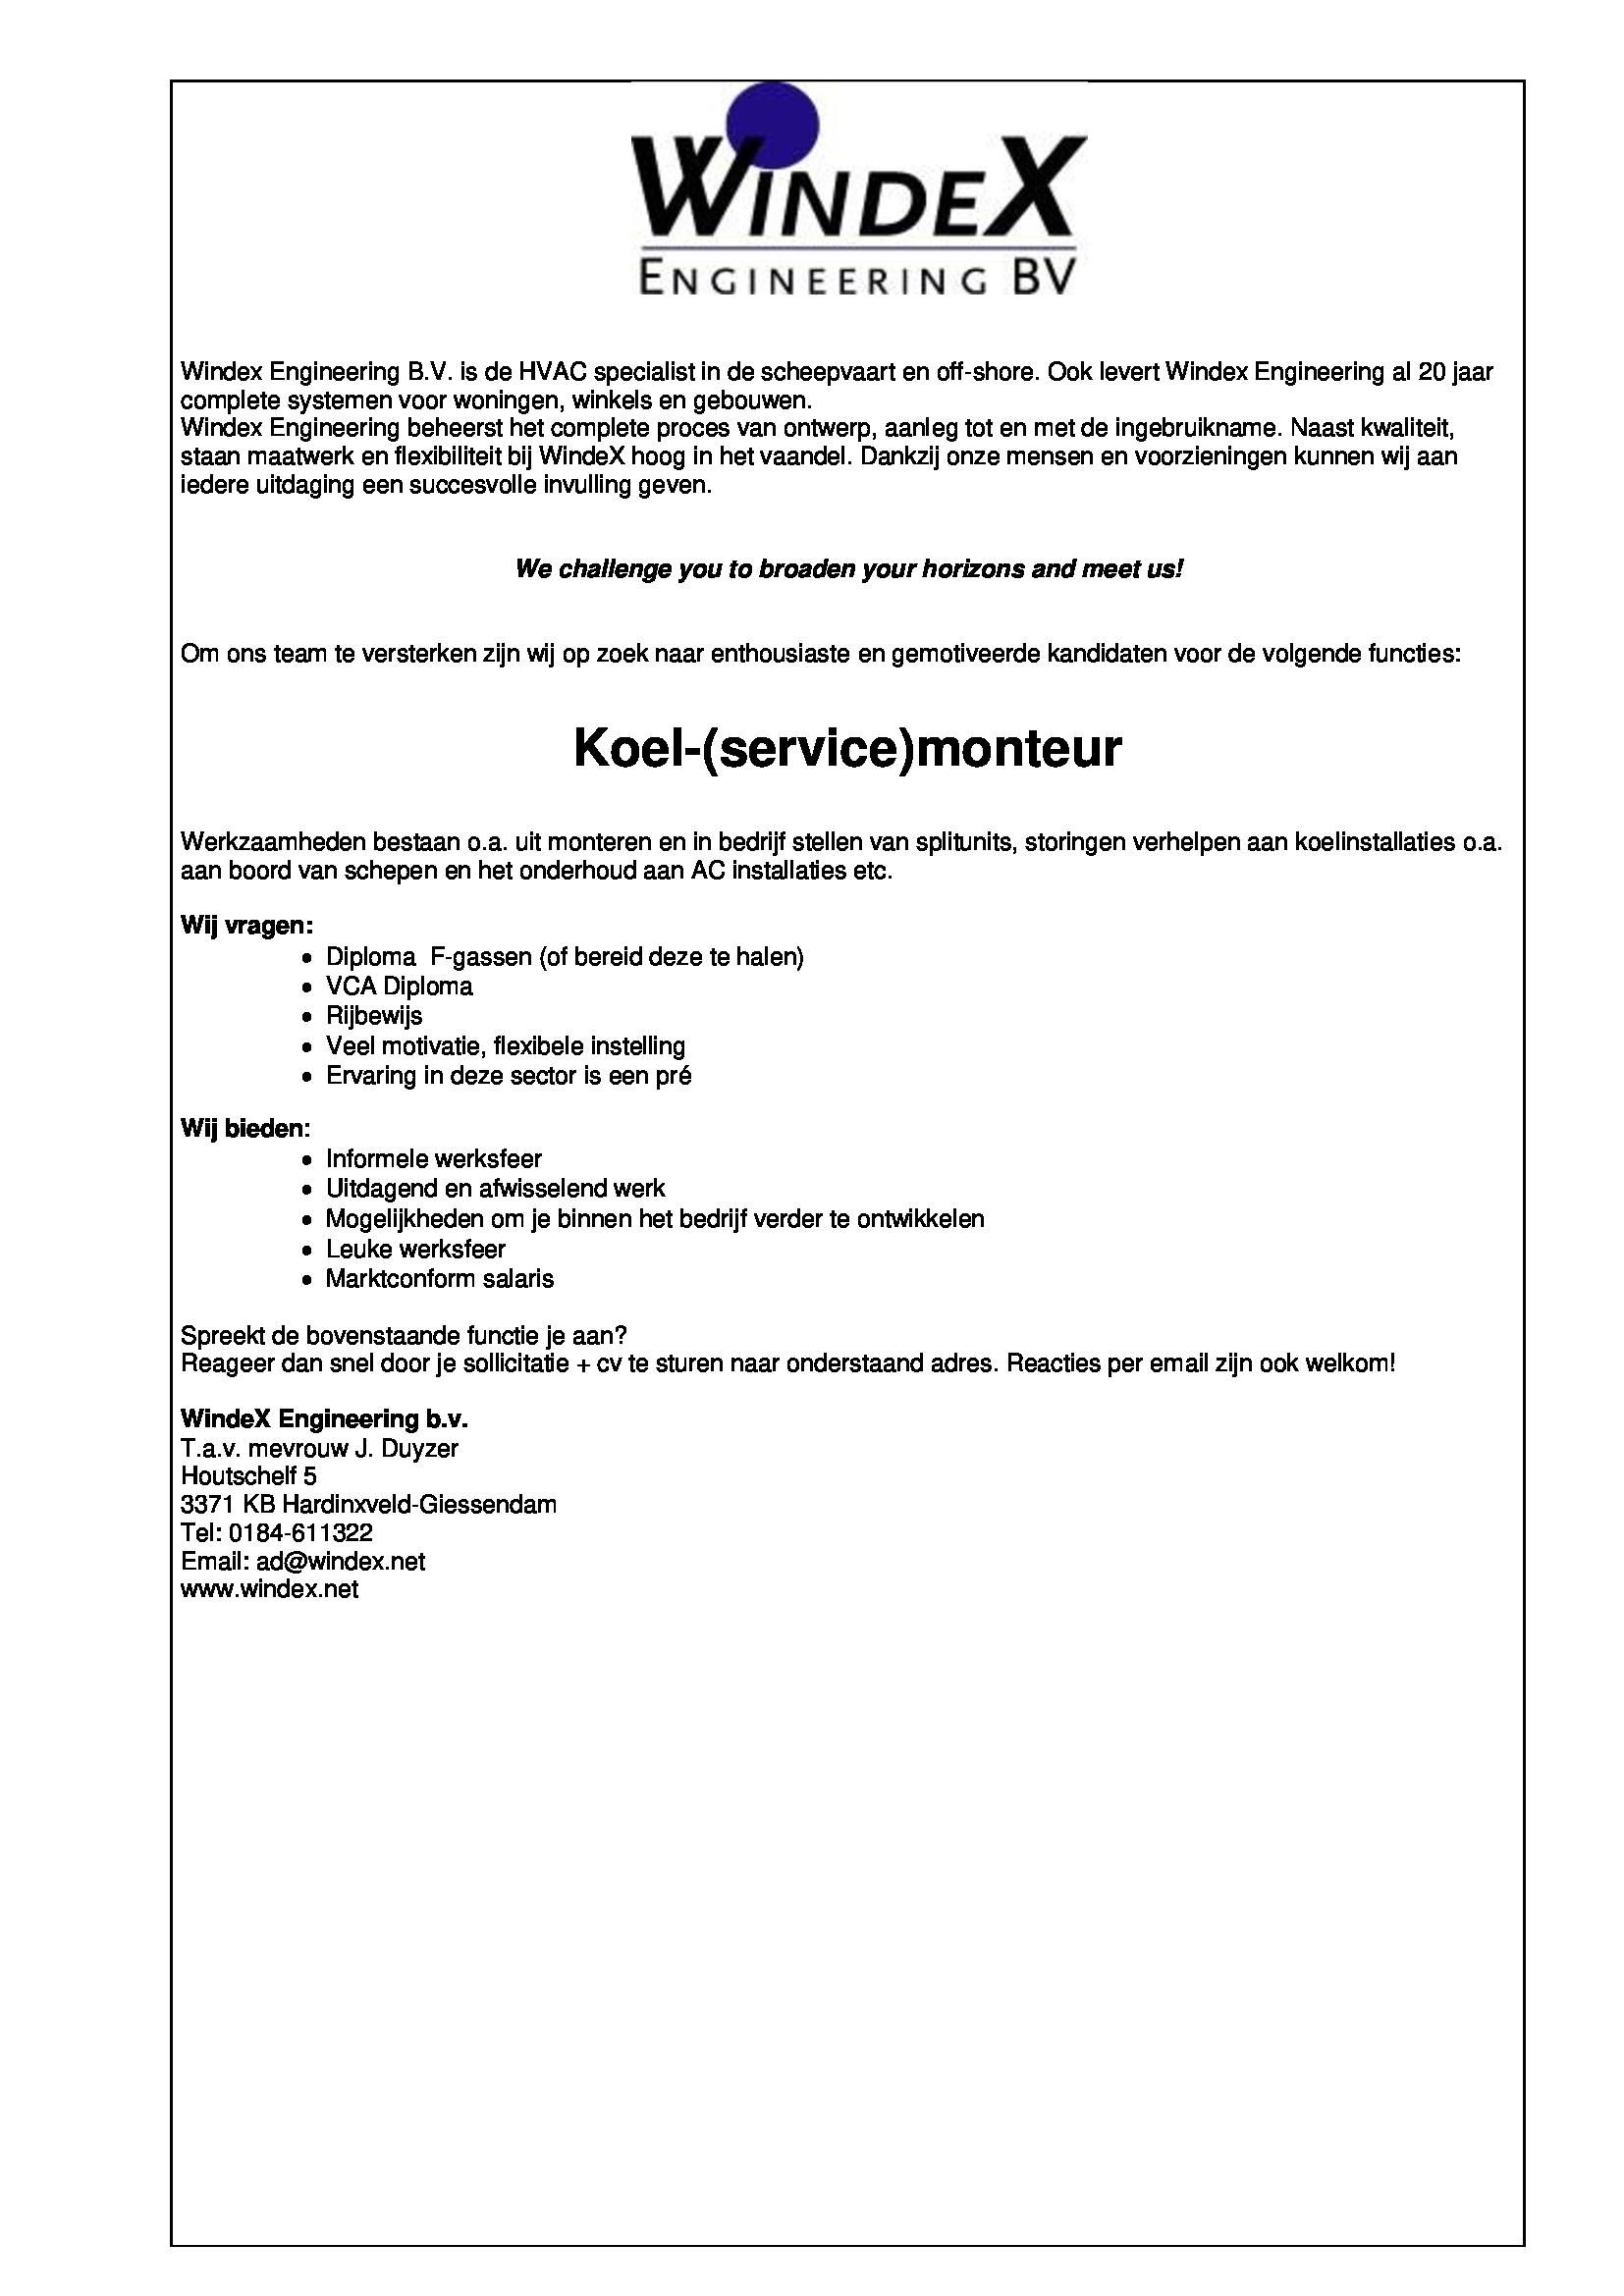 personeelsadvertentie-koel-service-monteur-juni-2020